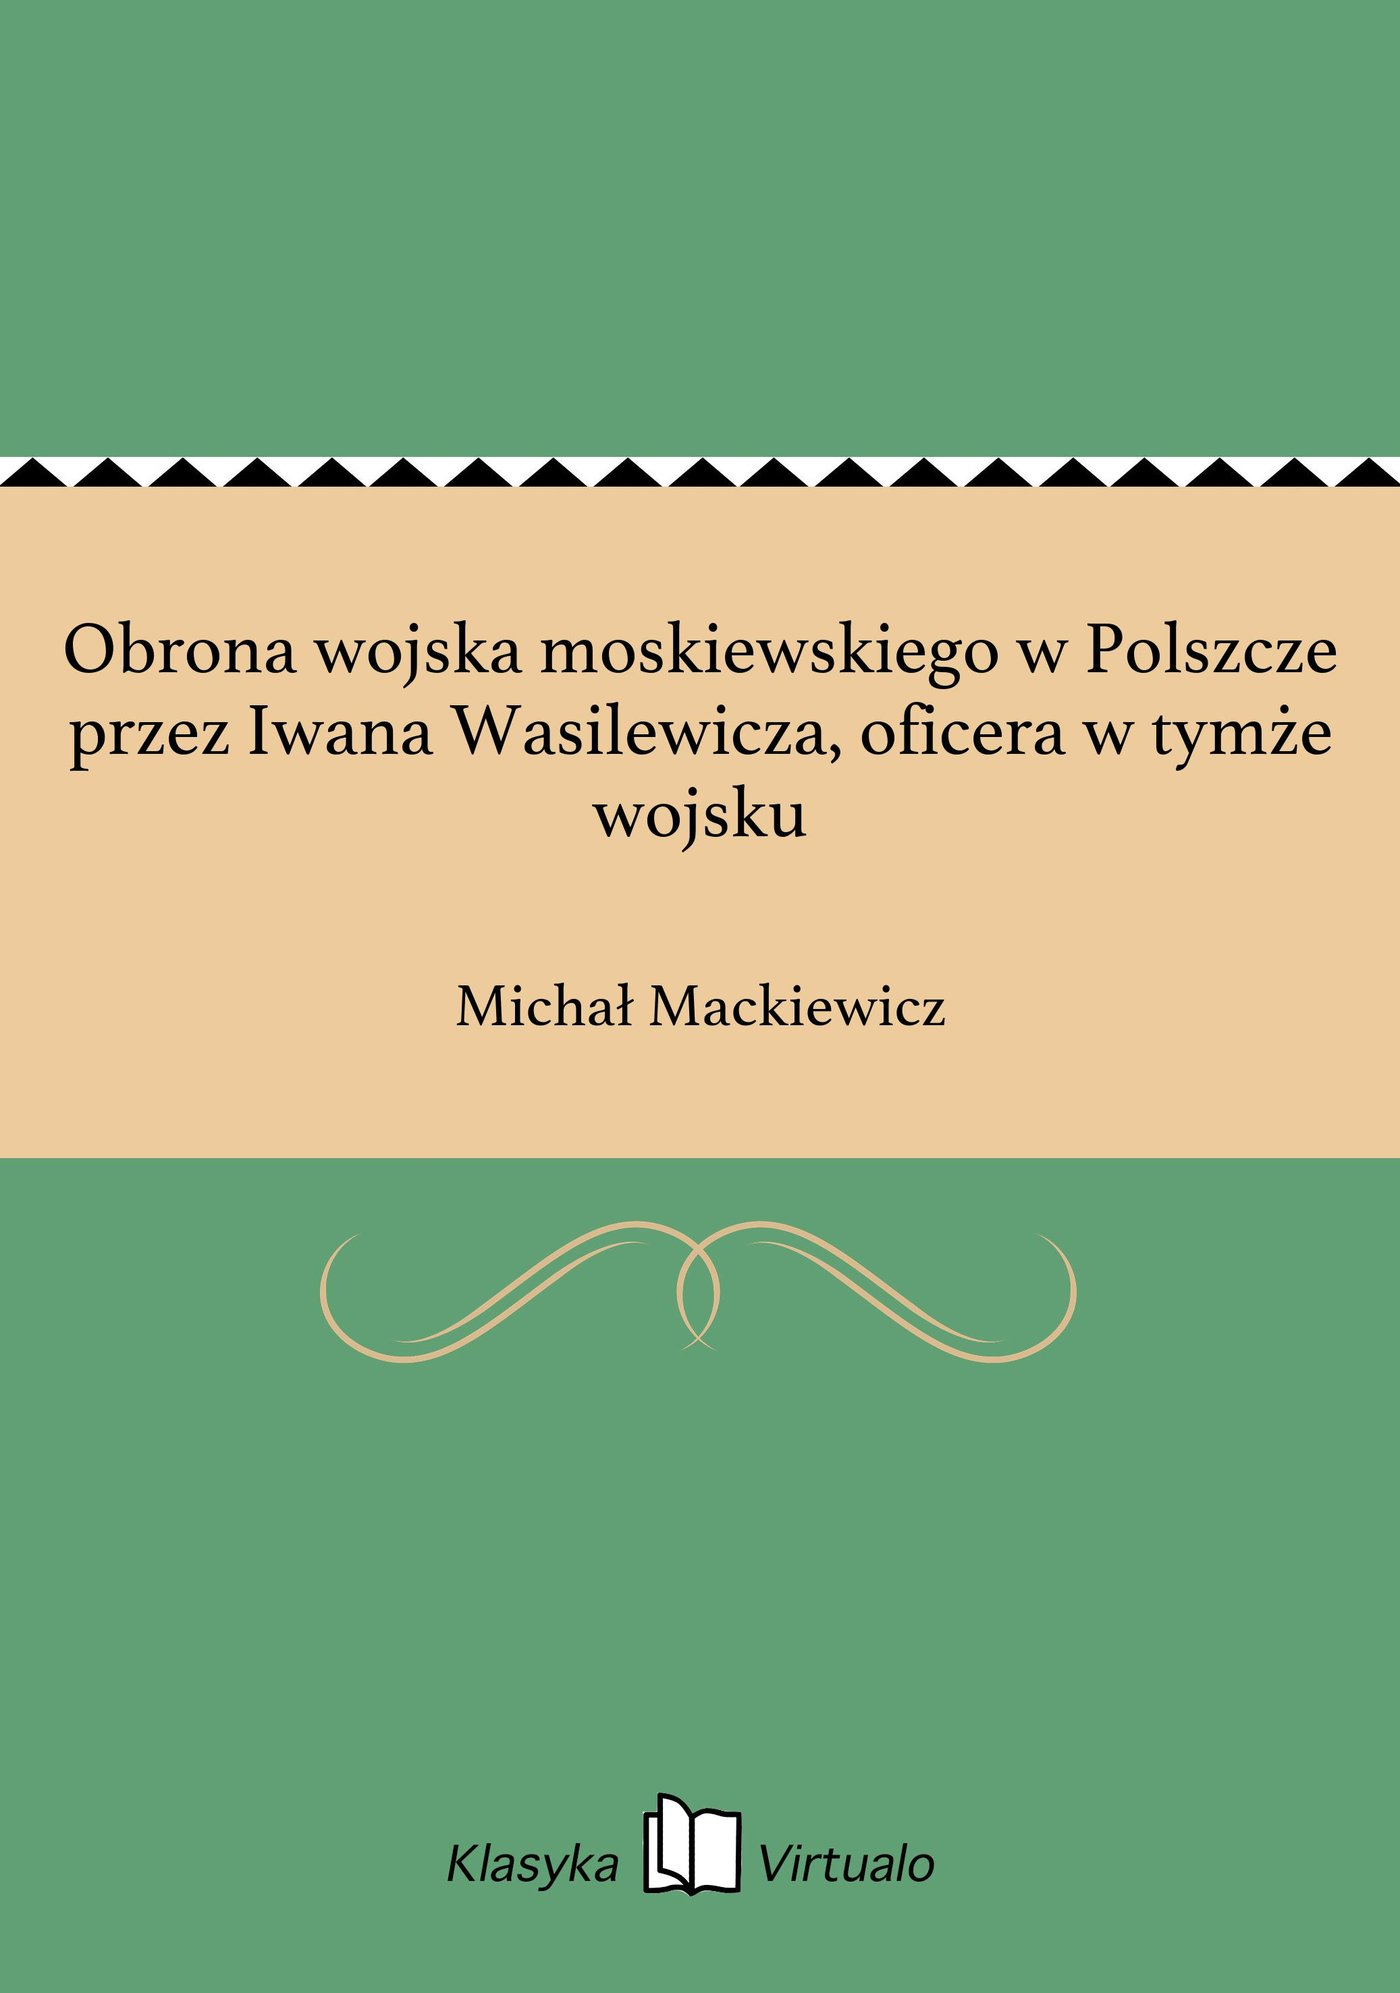 Obrona wojska moskiewskiego w Polszcze przez Iwana Wasilewicza, oficera w tymże wojsku - Ebook (Książka na Kindle) do pobrania w formacie MOBI